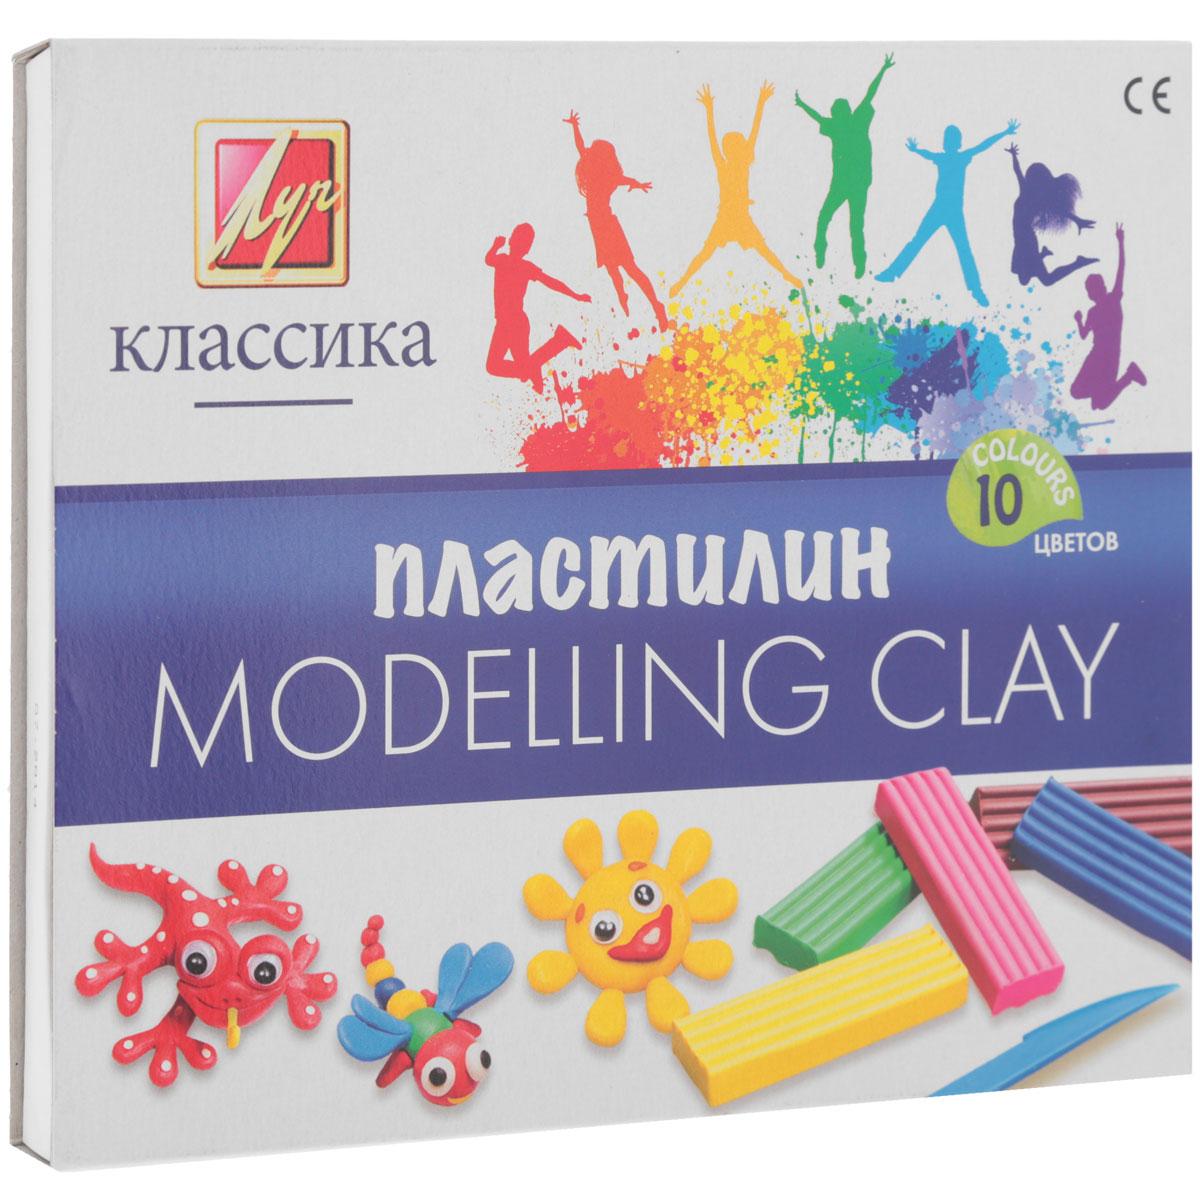 Пластилин Луч Классика, со стеком, 10 цветов пластилин детский классика 16 цветов 20с 1329 08